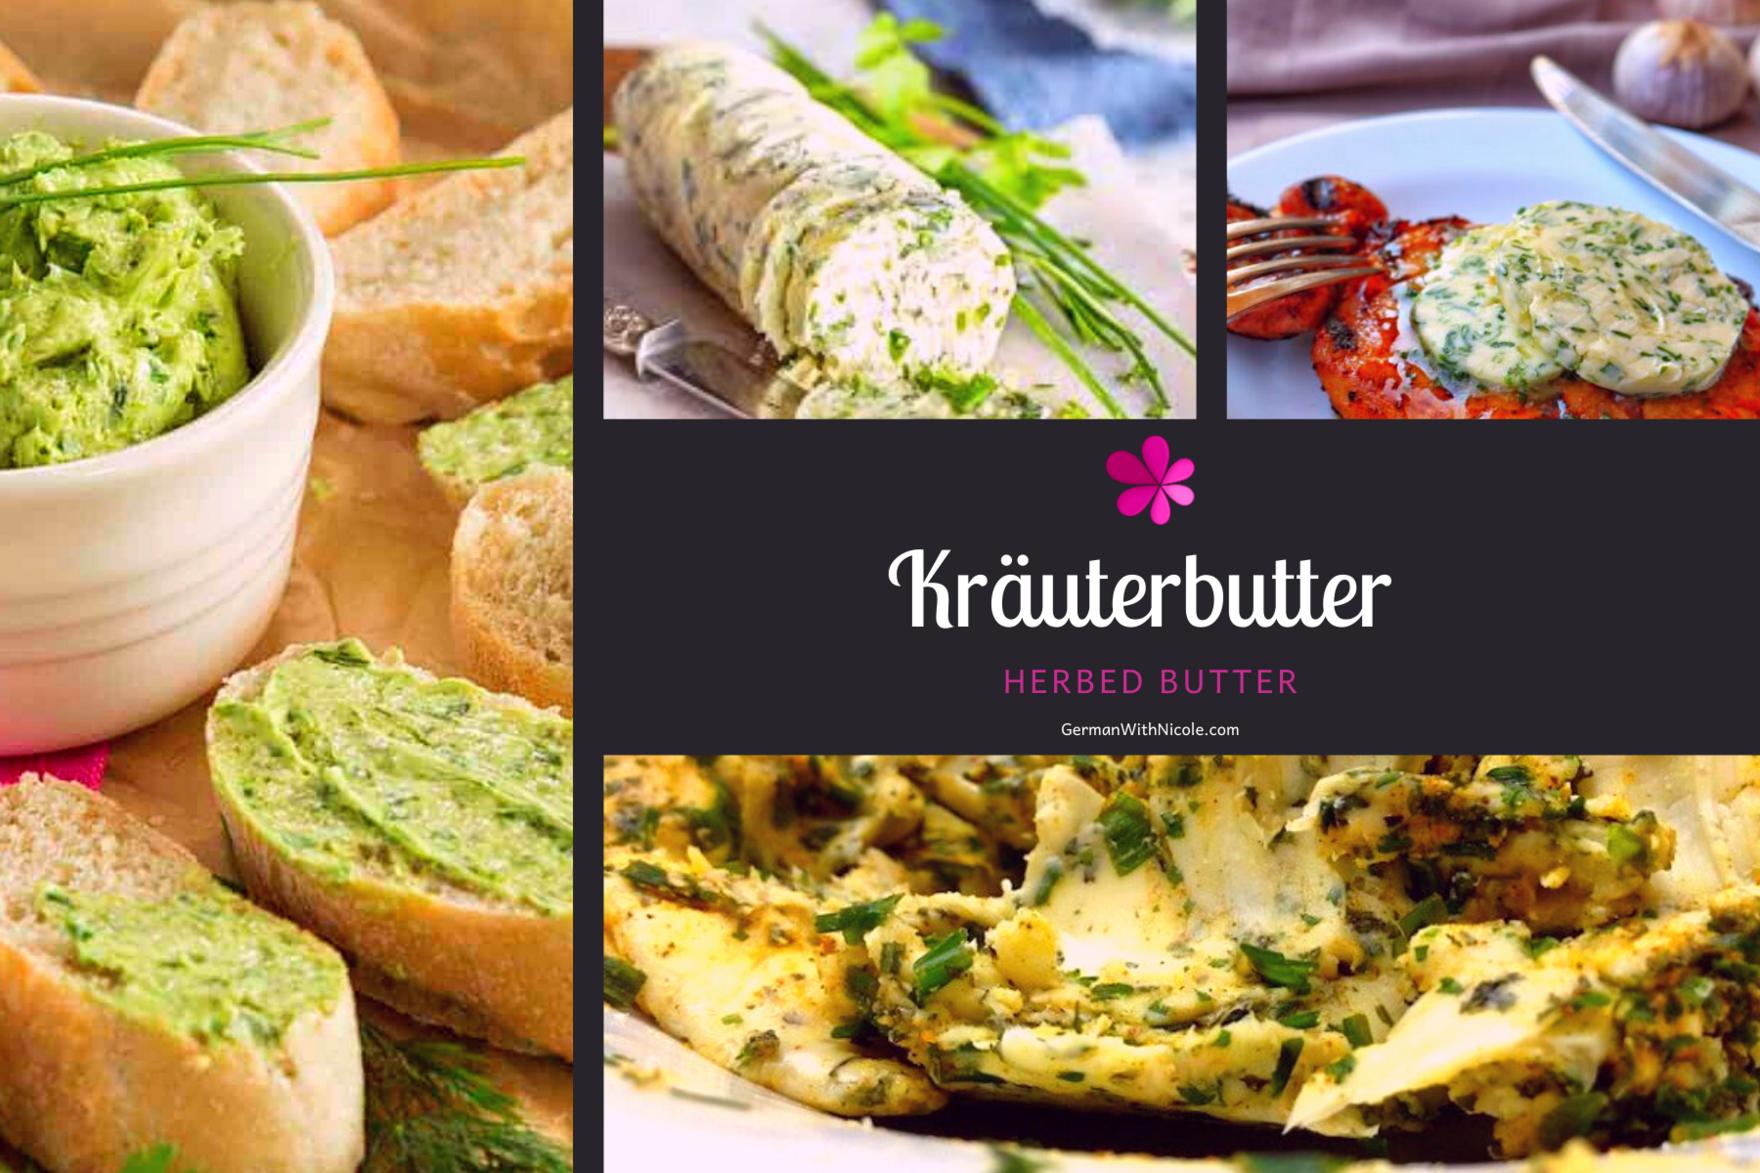 Kräuterbutter Blog Cover